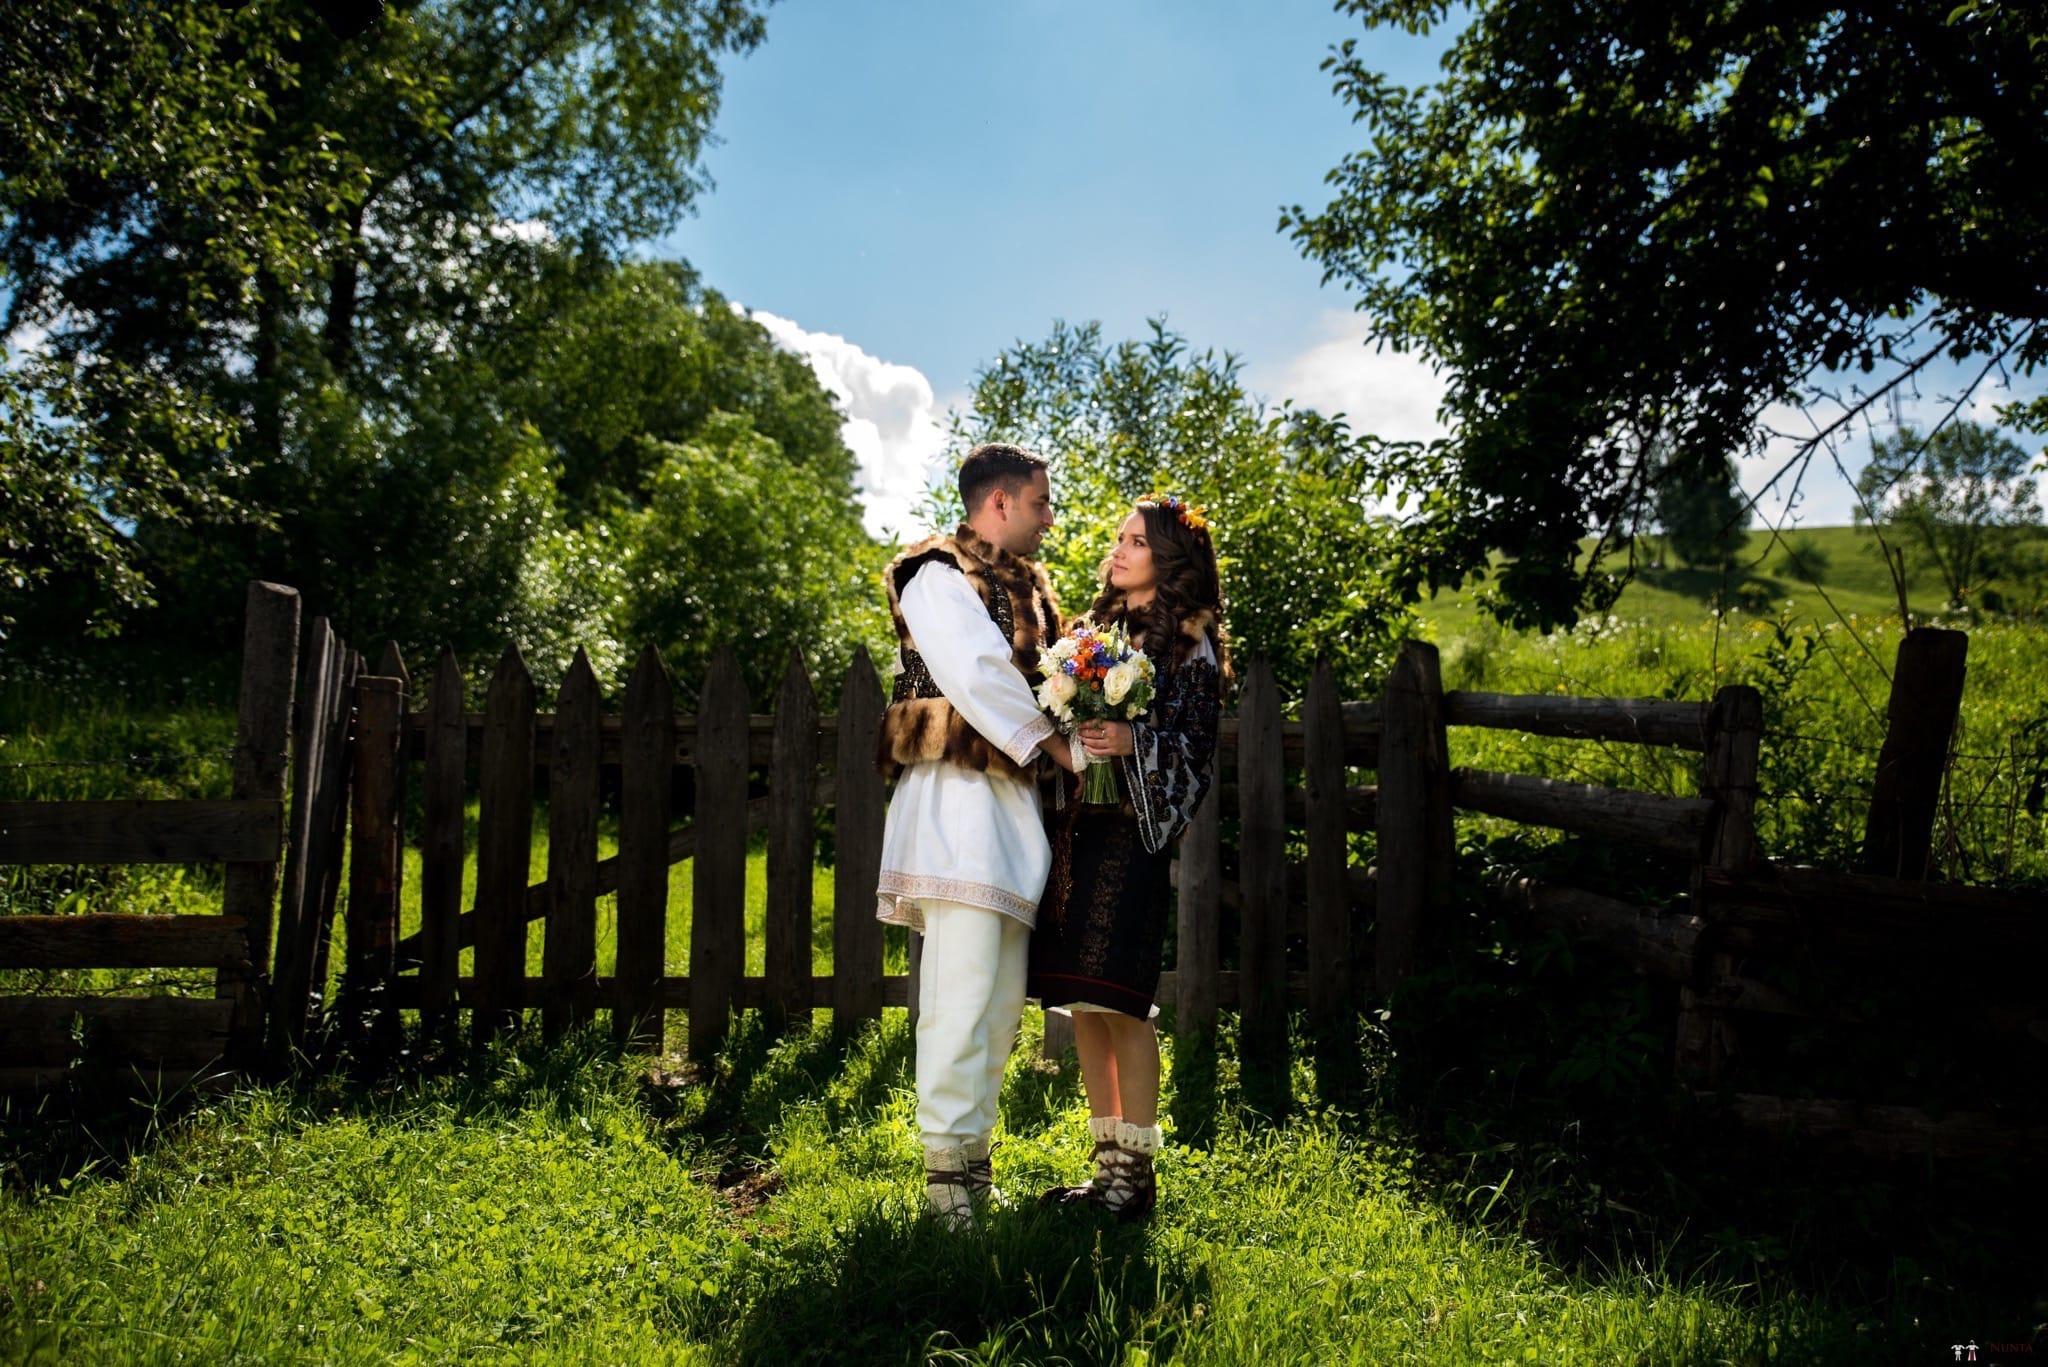 Povești Nunți Tradiționale - Irina și Alexandru, nuntă în Câmpulung Moldovenesc, Suceava 48